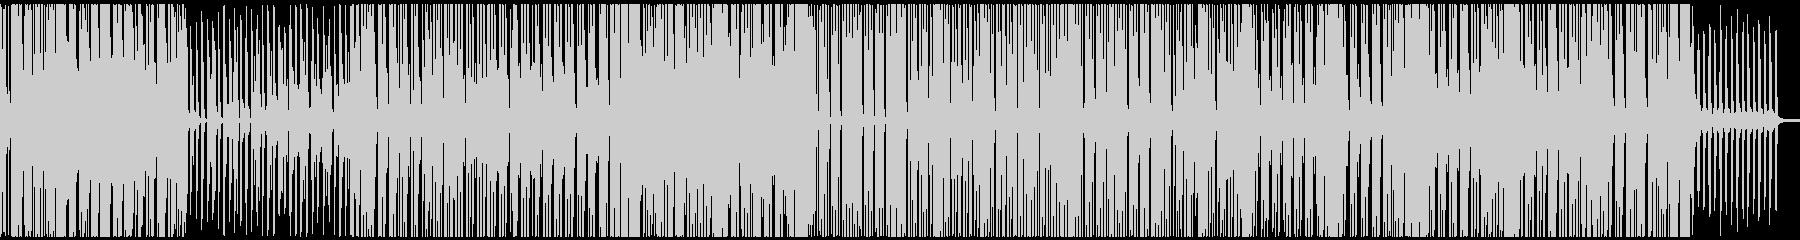 春~夏向きのさわやかなレゲエBGMの未再生の波形